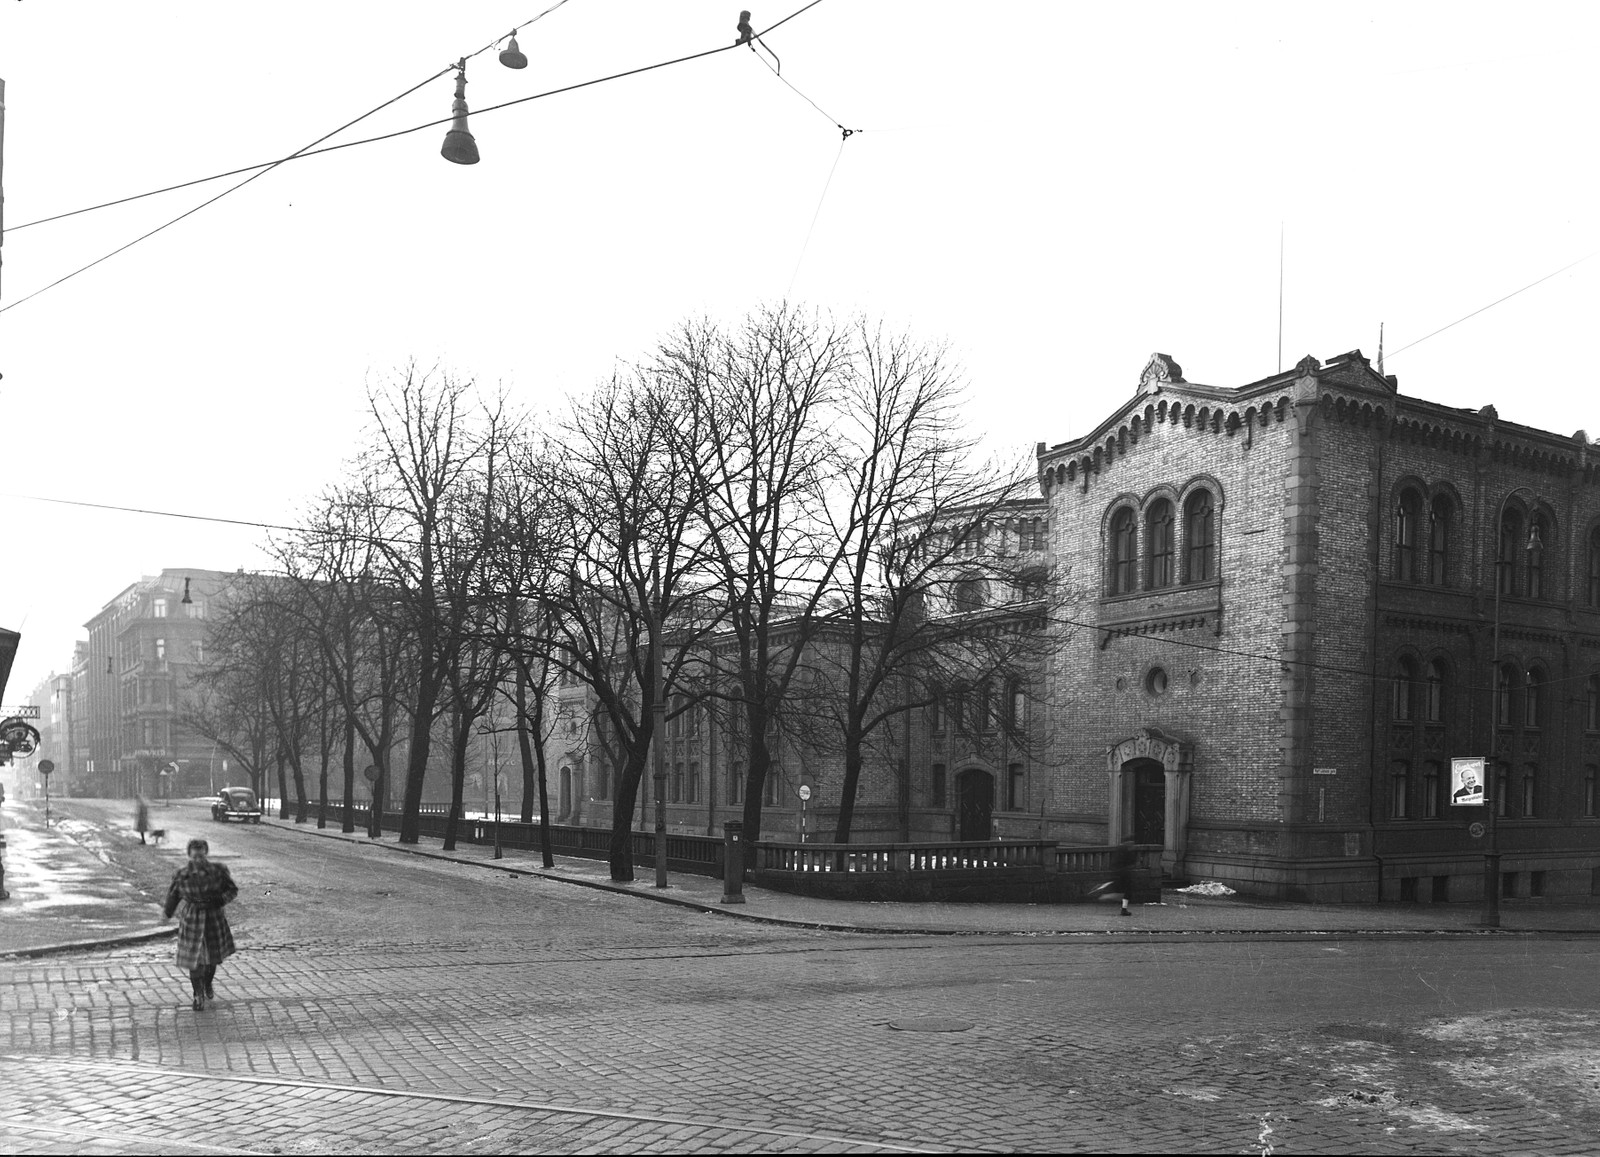 Stortingets bakside slik det opprinnelig så ut. Døren nærmest Karl Johans gate ble benyttet som daglig inngang fram til 1929. Riksarkivet holdt til i den lave bygningen ut mot Akersgata fram til 1914. Bygget ble revet i 1953 for å gi plass til et nytt kontorbygg. Foto: Ukjent / Stortingsarkivet / NTB scanpix